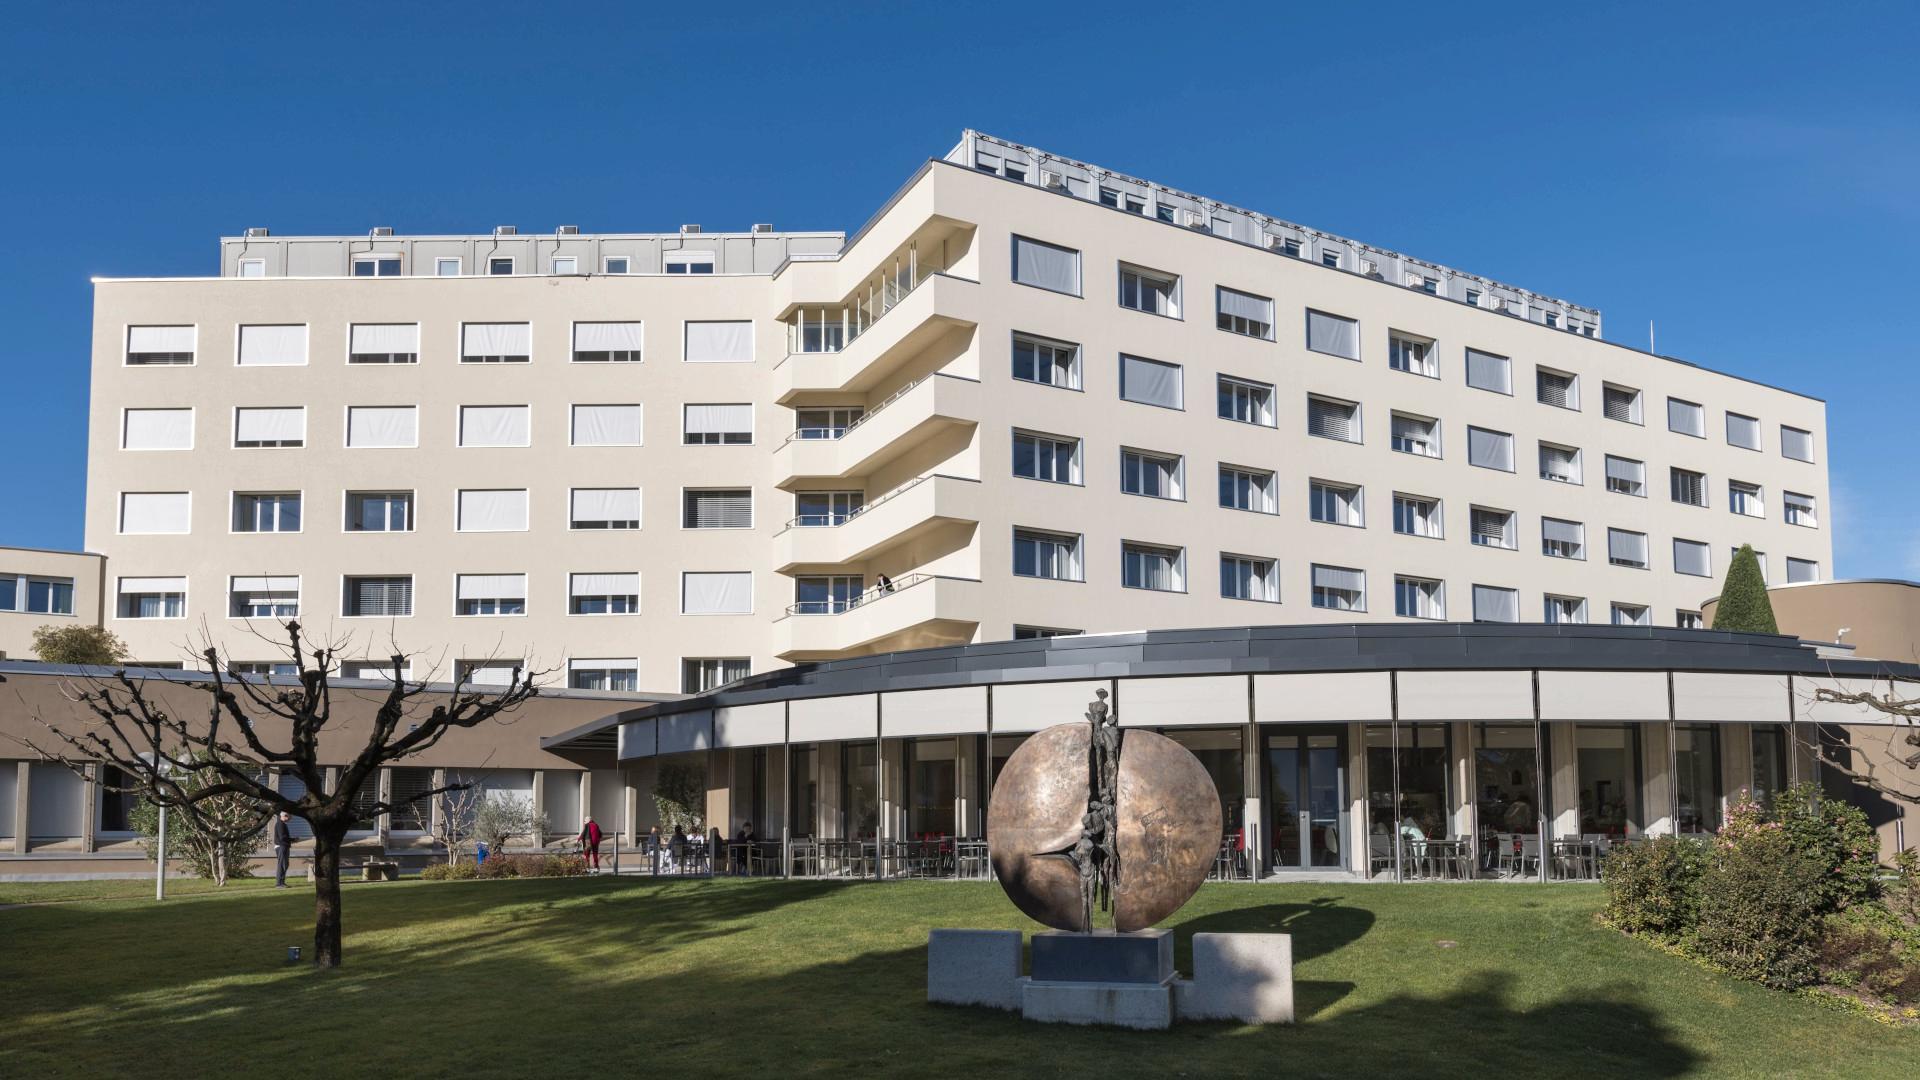 Erstmals in der Schweiz: Siemens Healthineers und Clinica Luganese Moncucco vereinbaren technologische Partnerschaft